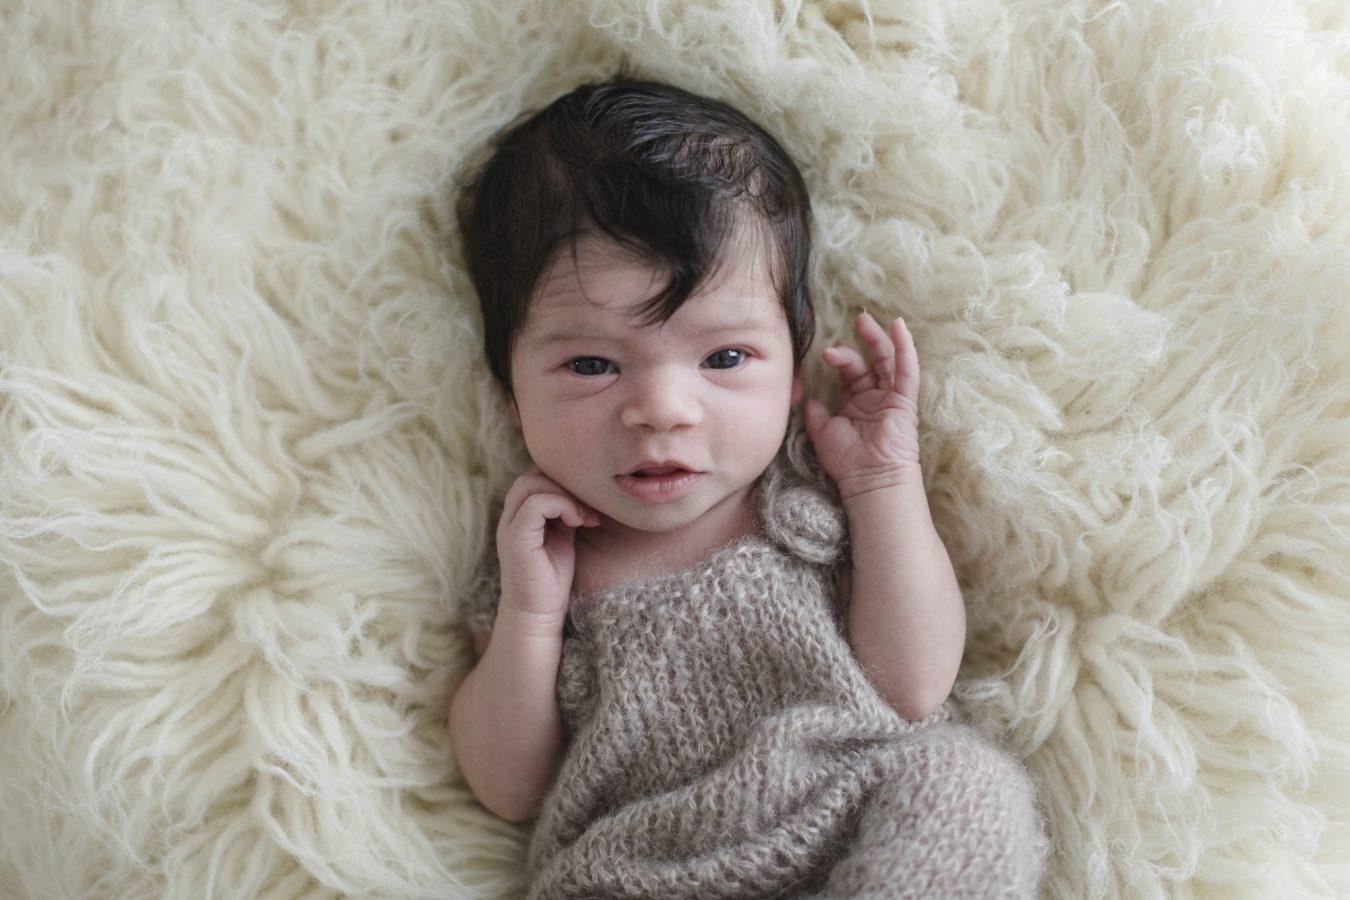 Babyfotograf Hamburg - Baby schaut neugierig in die Kamera